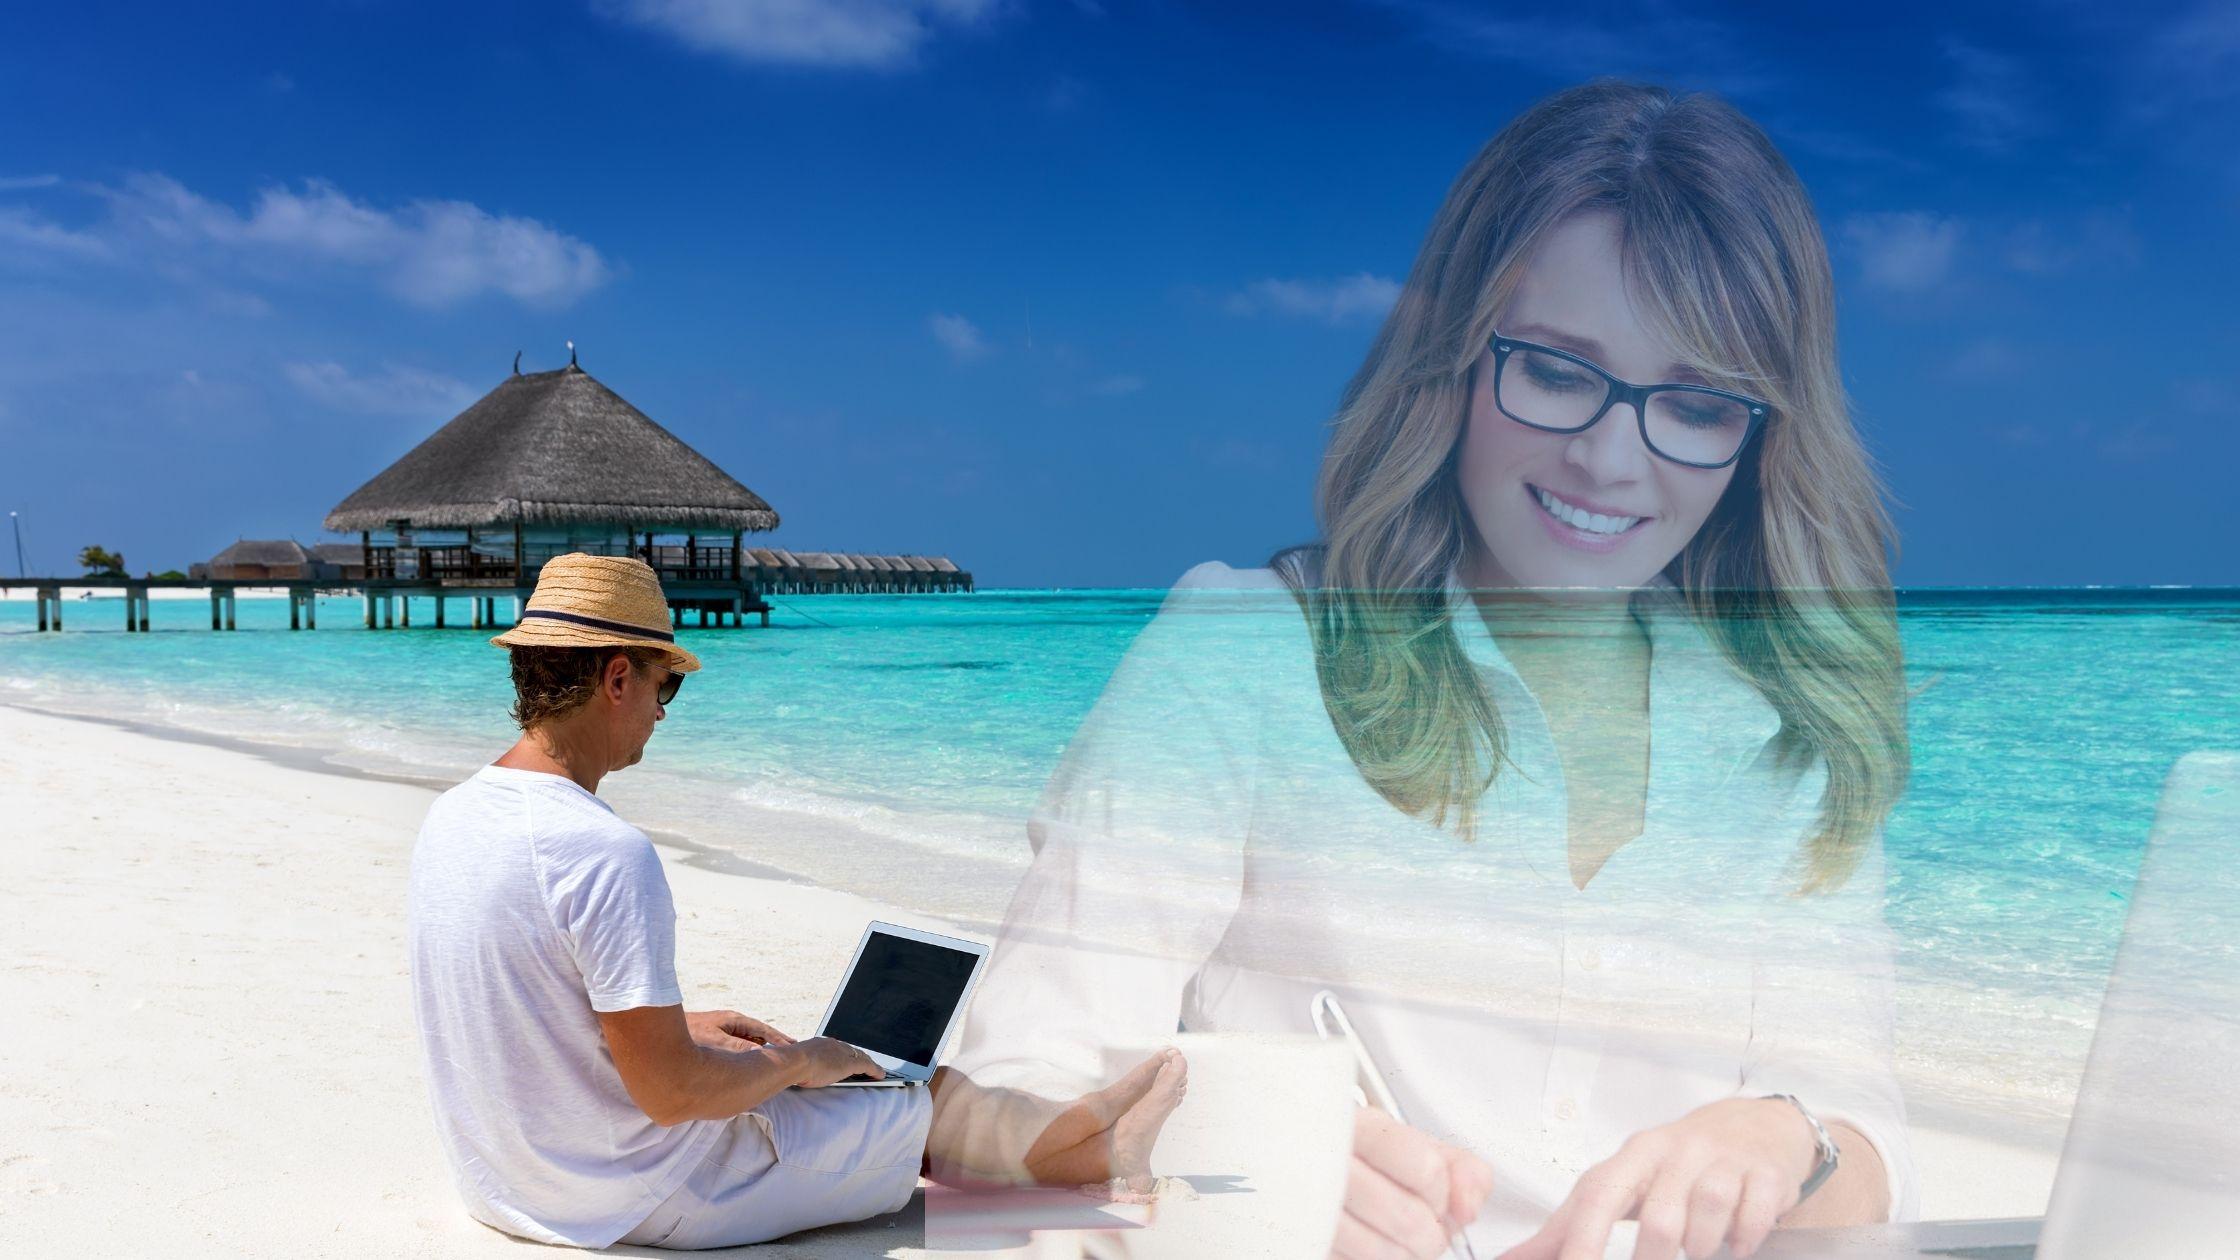 Comment être une image solopreneur productive – Image de deux individus différents mais tous les deux solopreneur. Faire des affaires dans deux endroits différents, mais les deux apprécient ce qu'ils font pour leur propre entreprise. La femme porte une tenue de bureau décontractée blanche, des cheveux blonds, des lunettes avec cadre noir. Une femme écrit devant son ordinateur. Puis l'autre gars avec un chapeau marron, une chemise blanche et un short assis au bord de la mer avec son ordinateur portable.